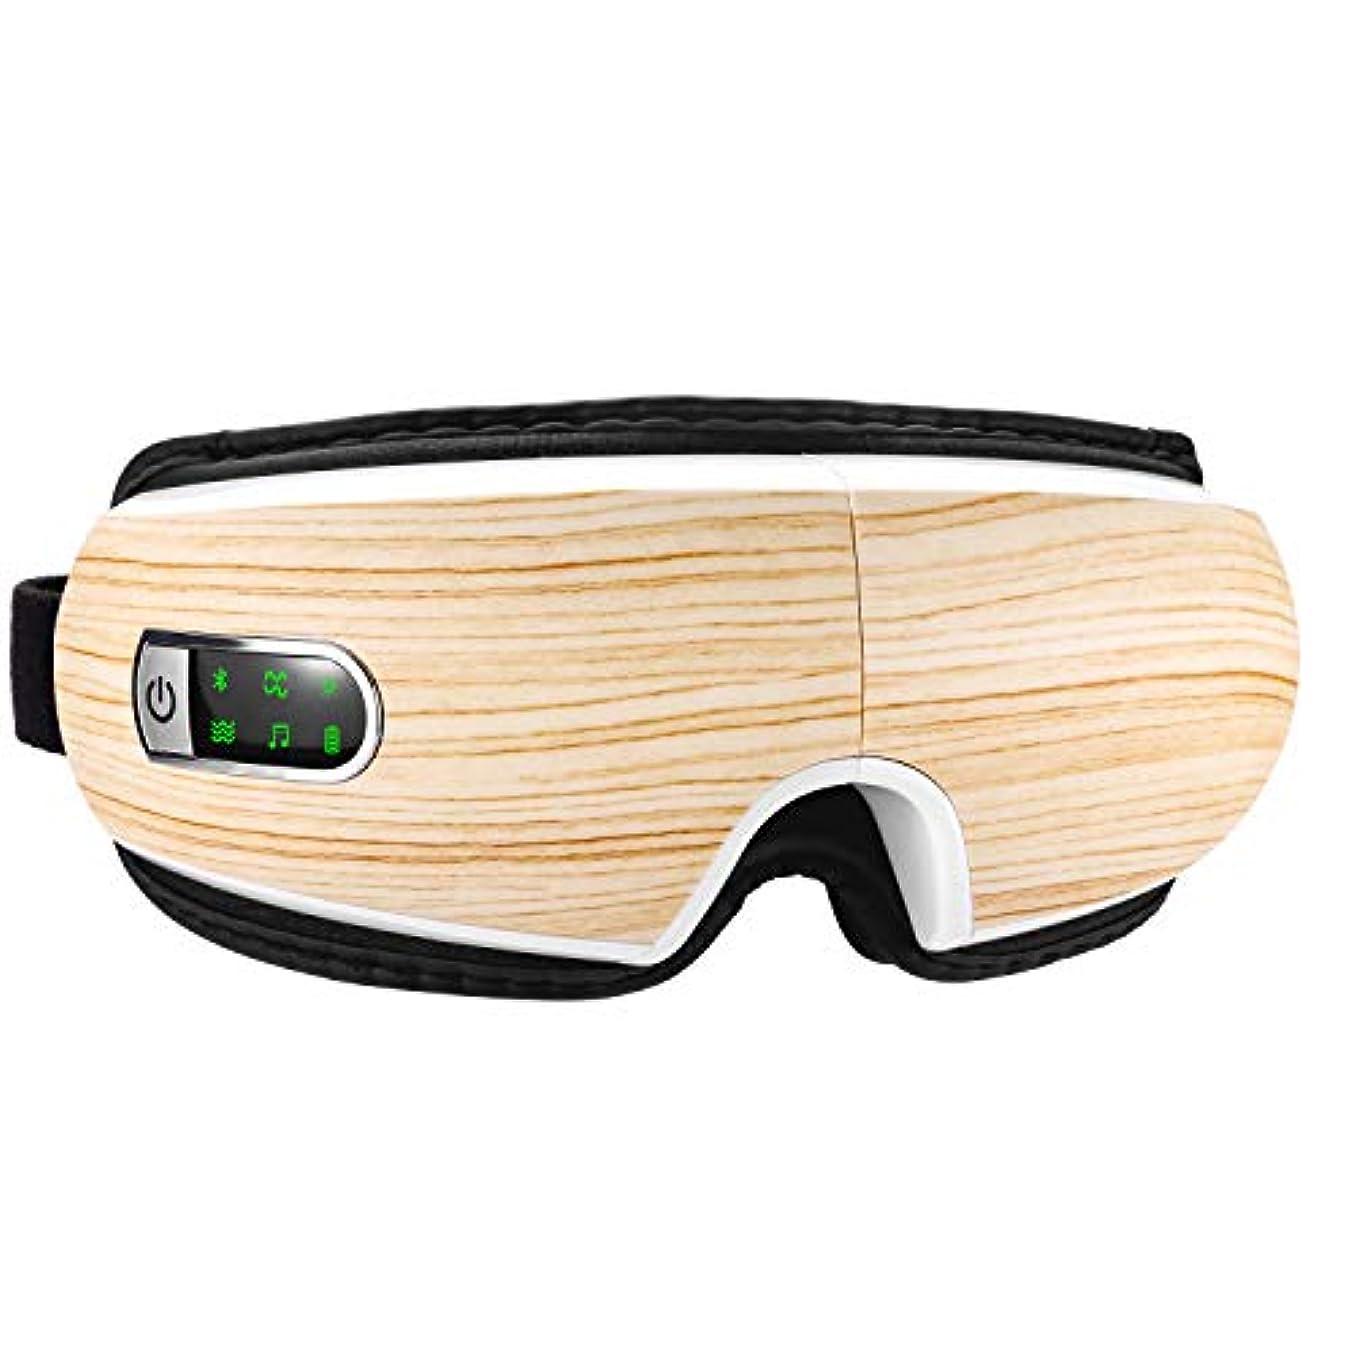 終了する広告する大胆目マッサージ器 目元エステ 目元美顔器 ホットアイマスク 快眠グッズ 振動機能 音楽機能 USB充電式 タイマー機能 アイマスク